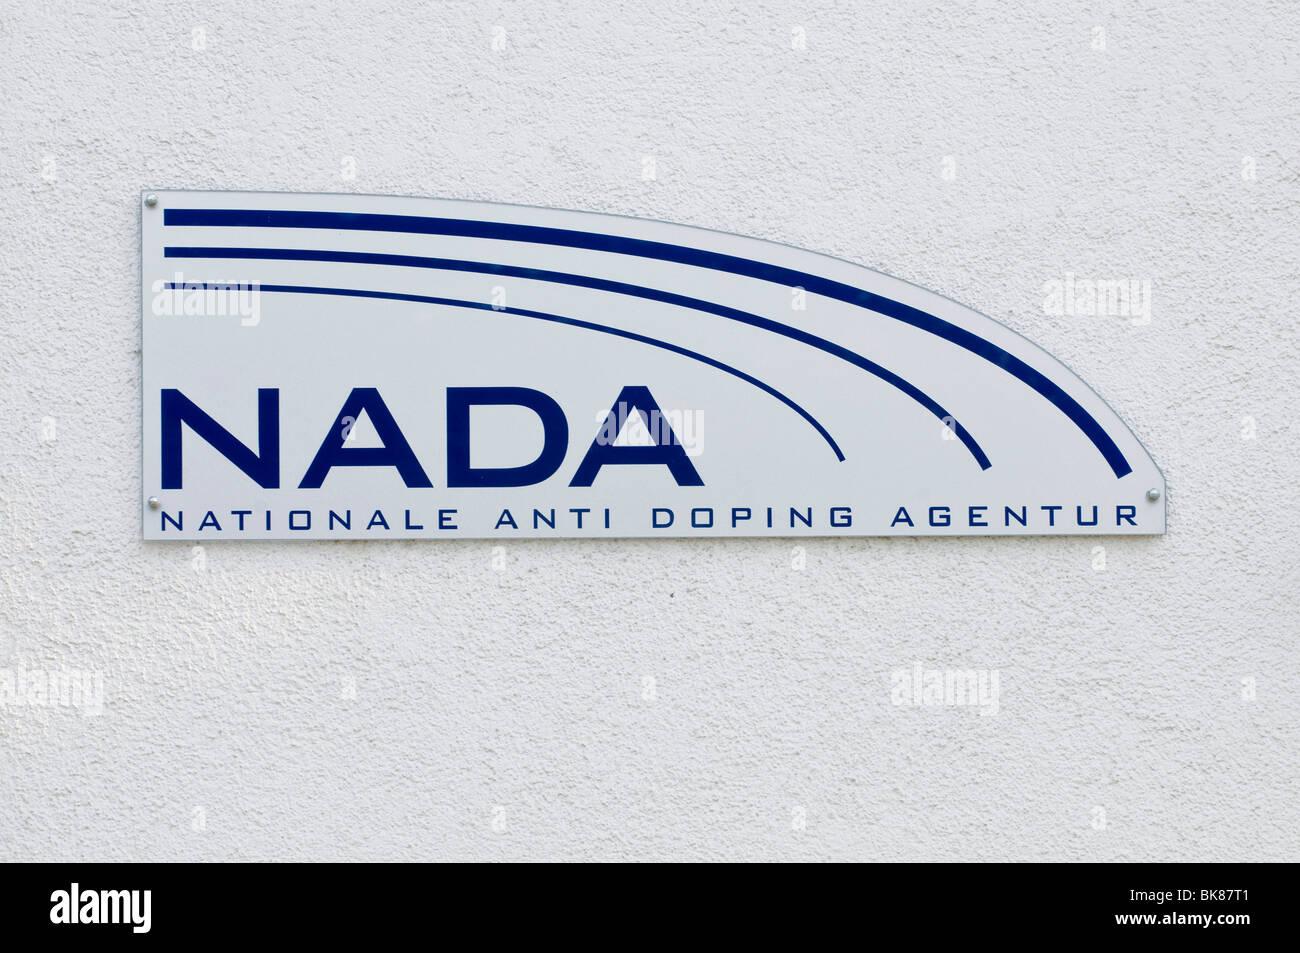 Leider haben wir keine Anzeigen, die Ihren Kriterien entsprechen. Hier sind einige Anzeigen aus Kleinanzeigen in Ontario, an denen Sie ebenfalls interessiert sein könnten.